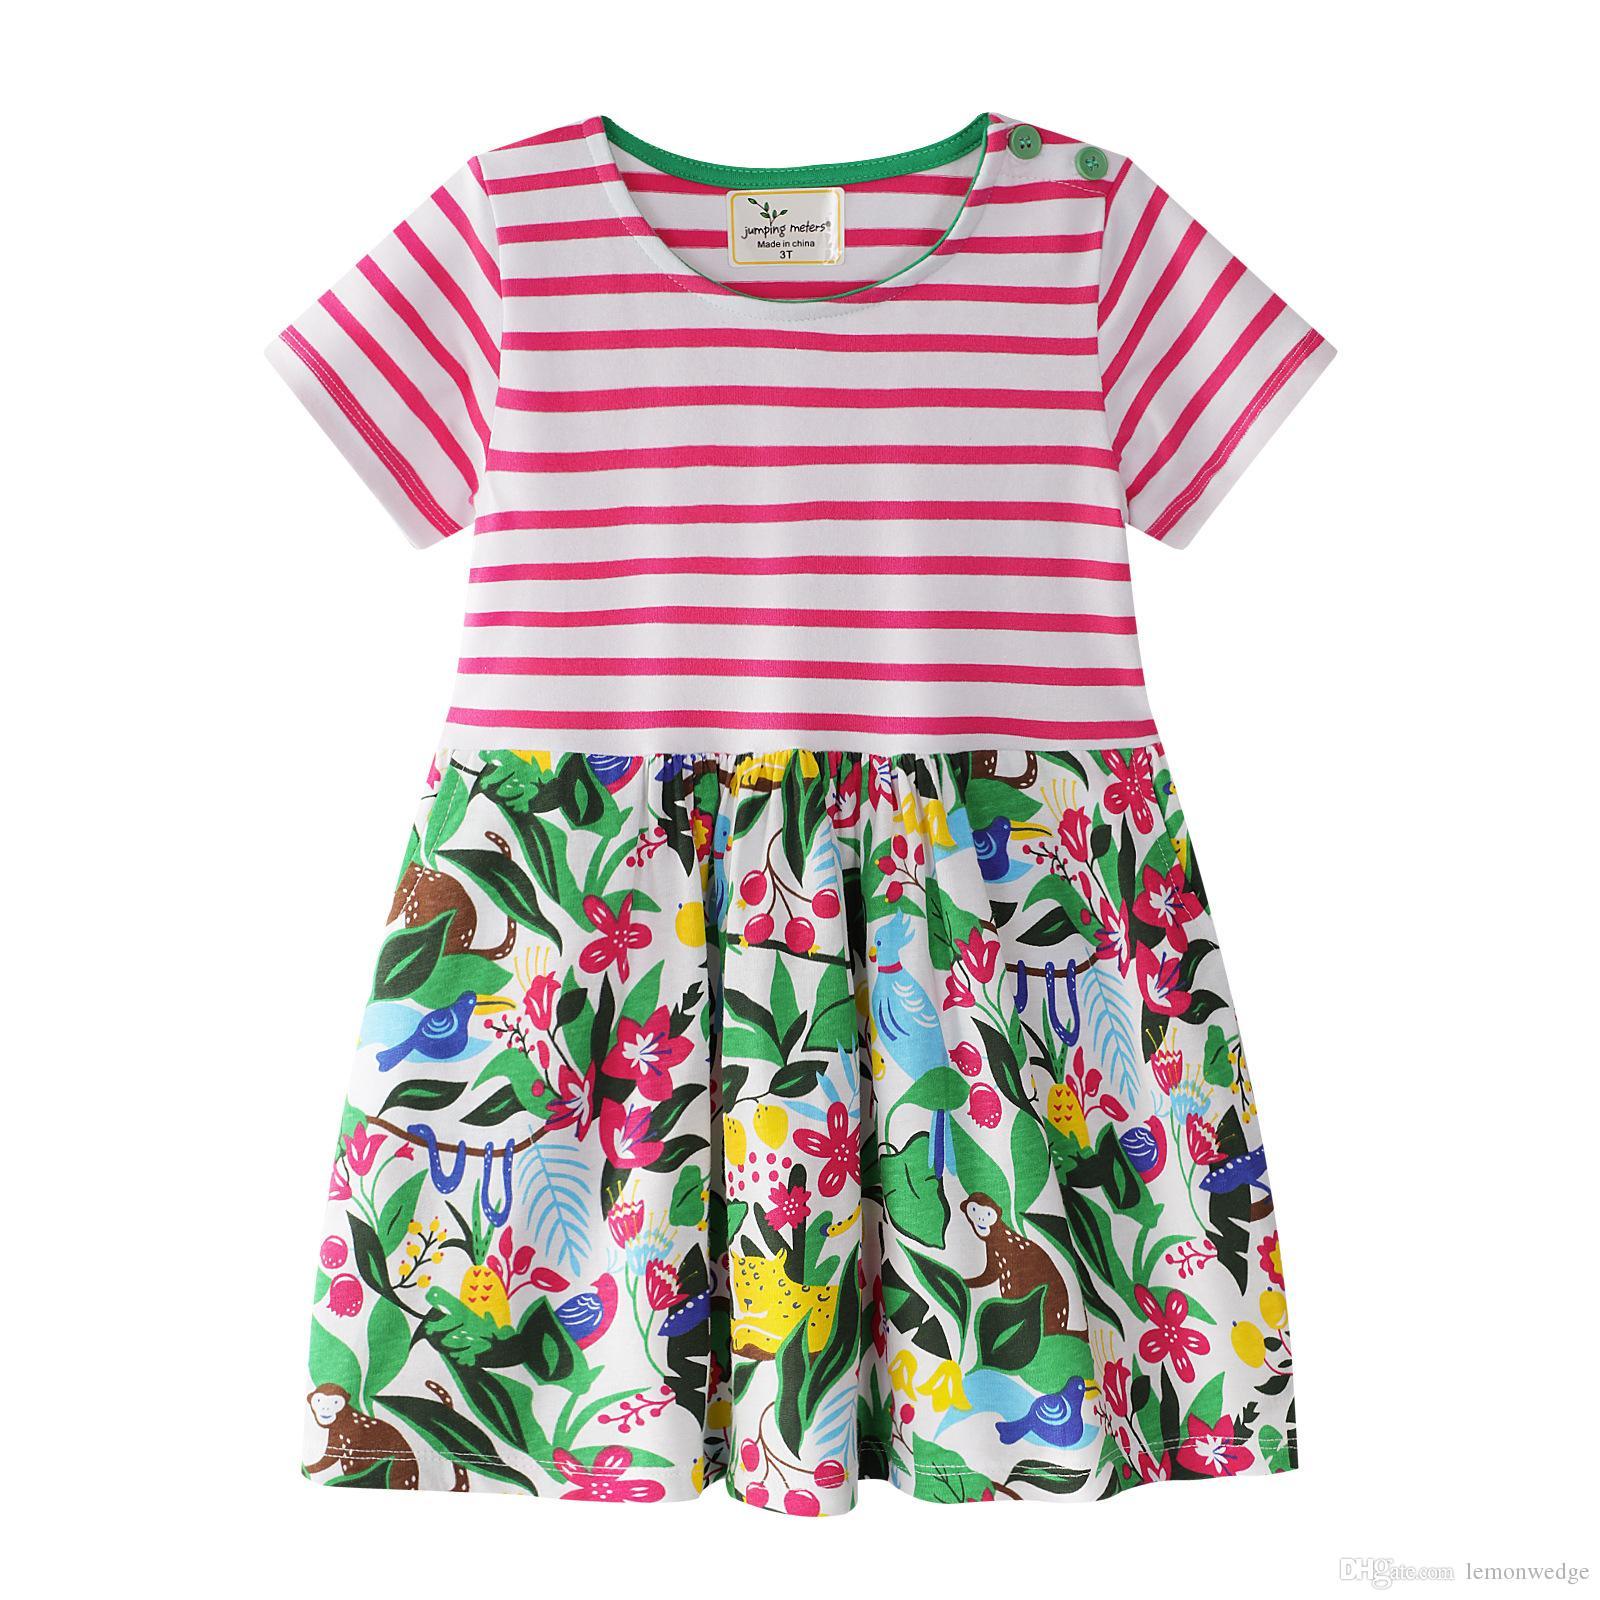 a456971a8aac Compre Vestido De Princesa Para Niña Vestidos De Algodón Para Niña De  Verano Vestido Para Niños Lindos Ropa Para Niños Ropa Para Niños A $34.68  Del ...